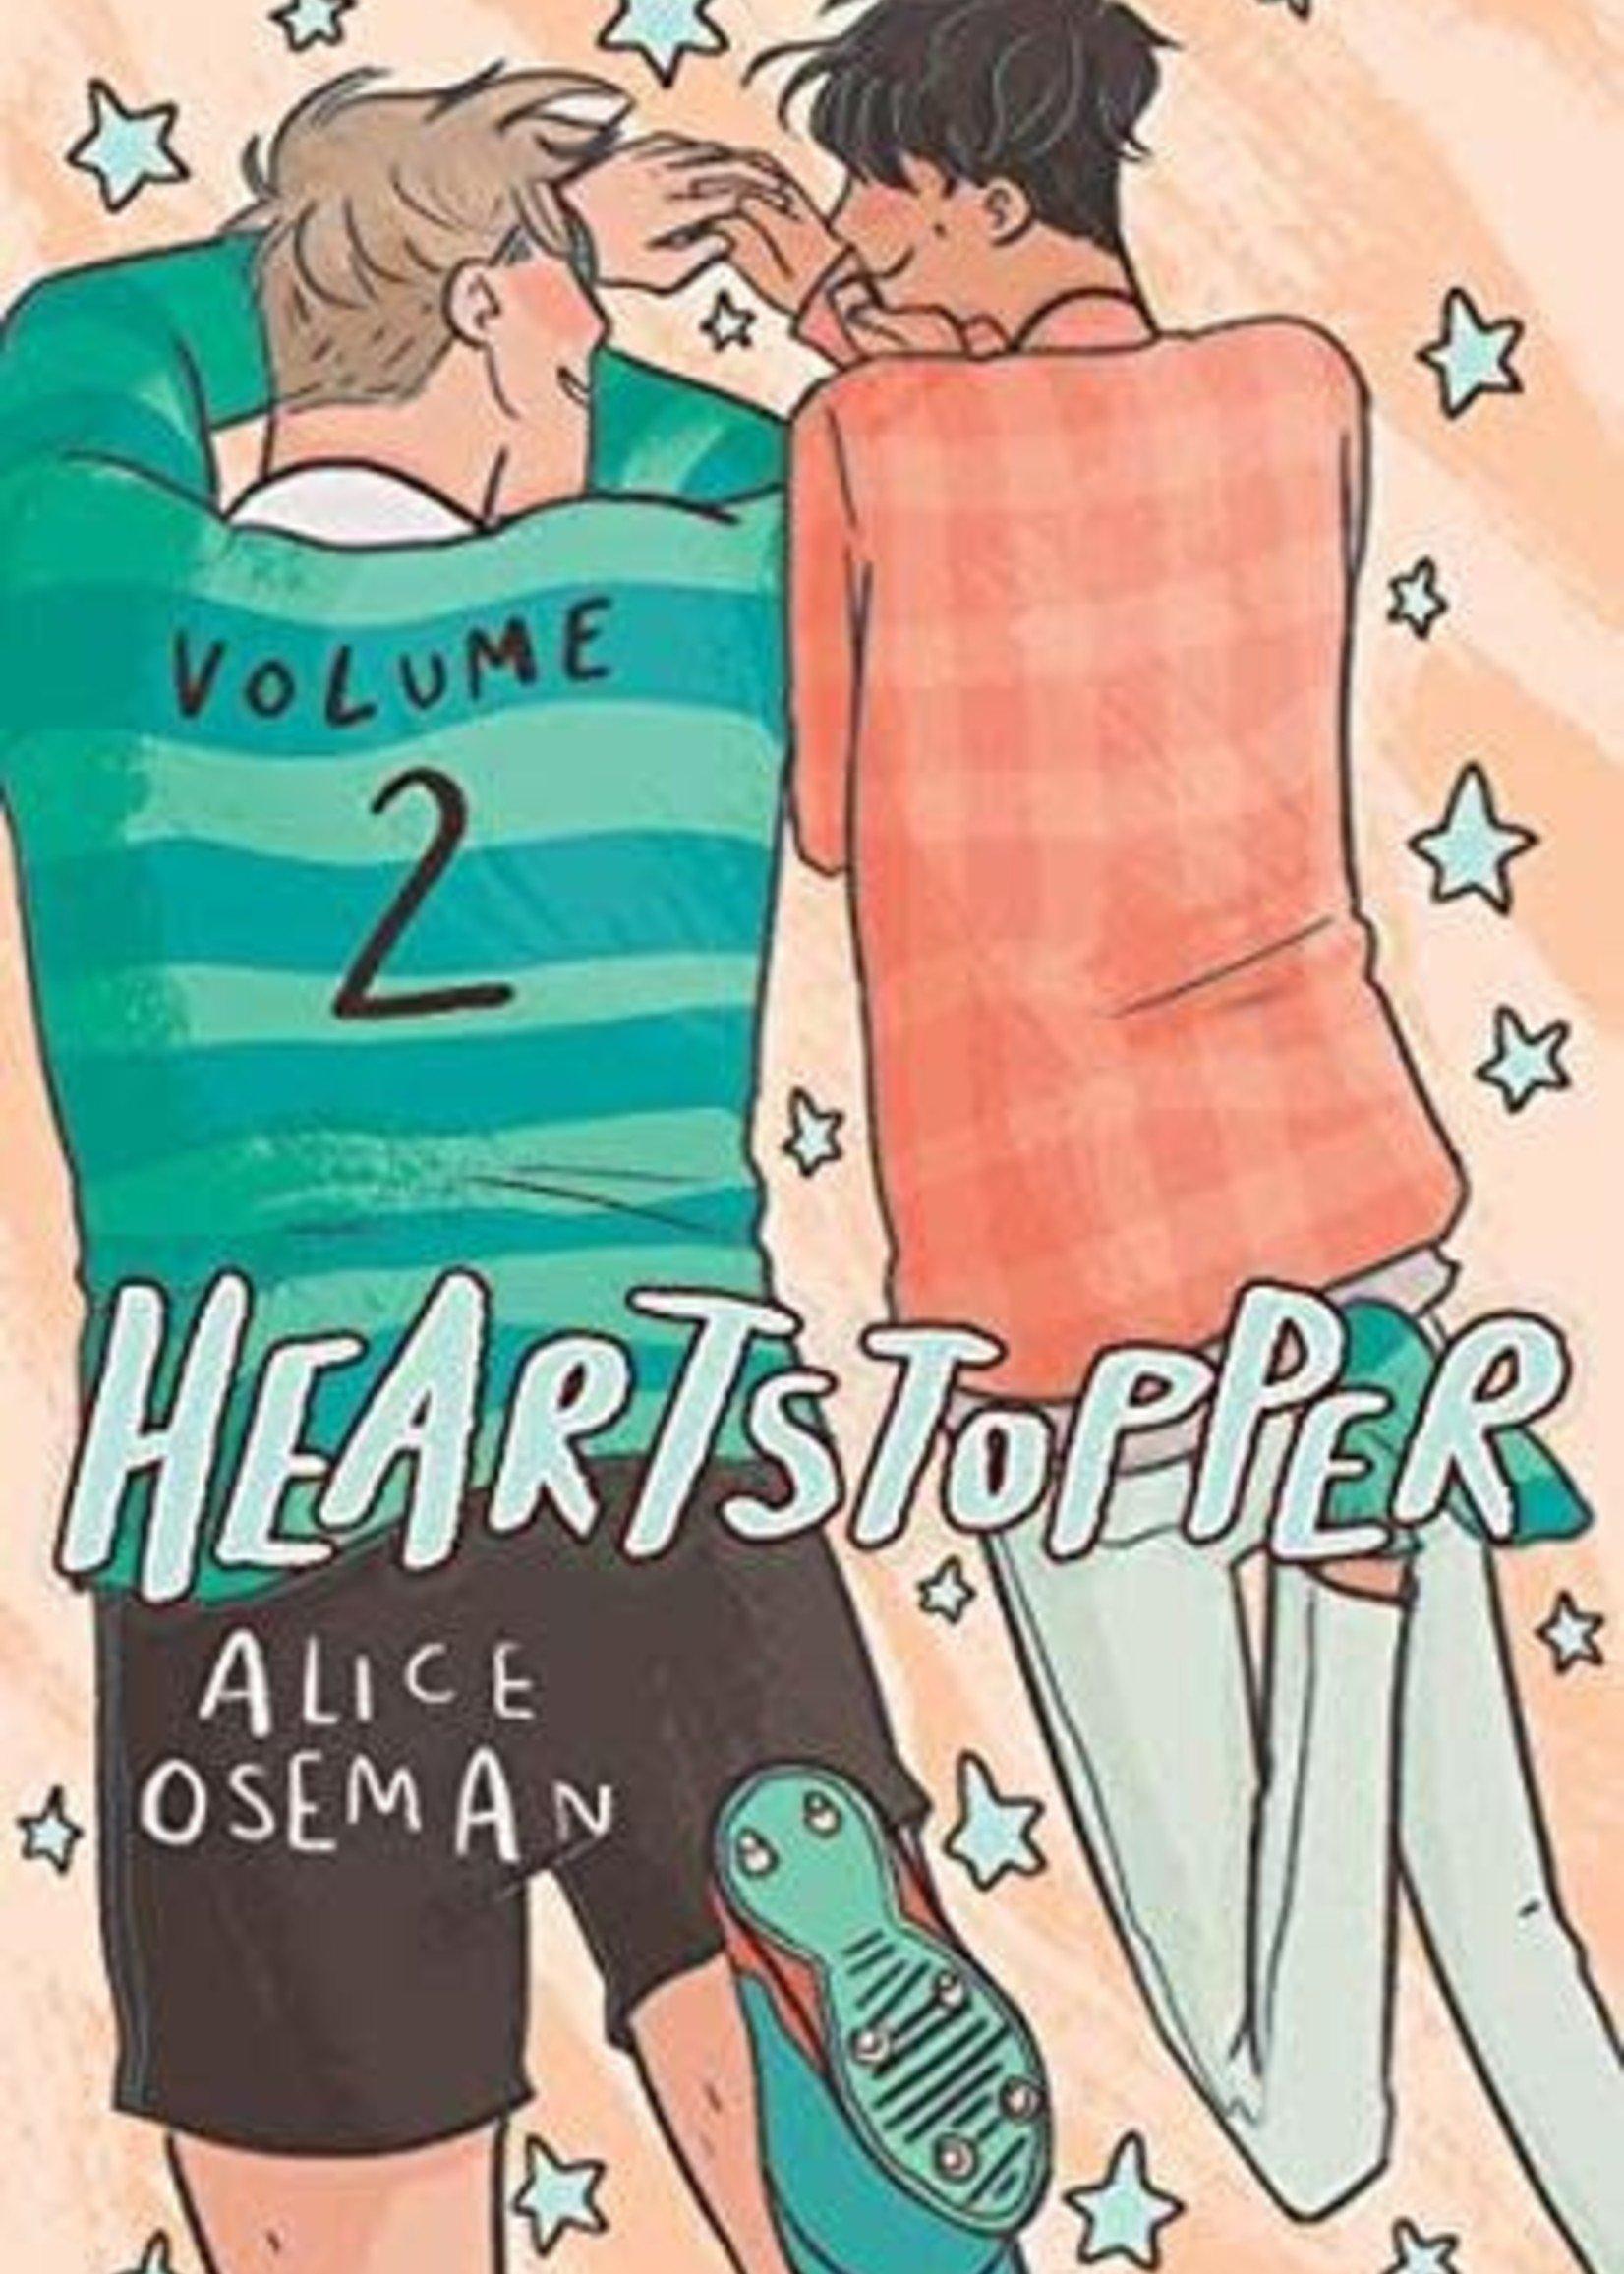 Heartstopper: Volume Two (Heartstopper #2) by Alice Oseman